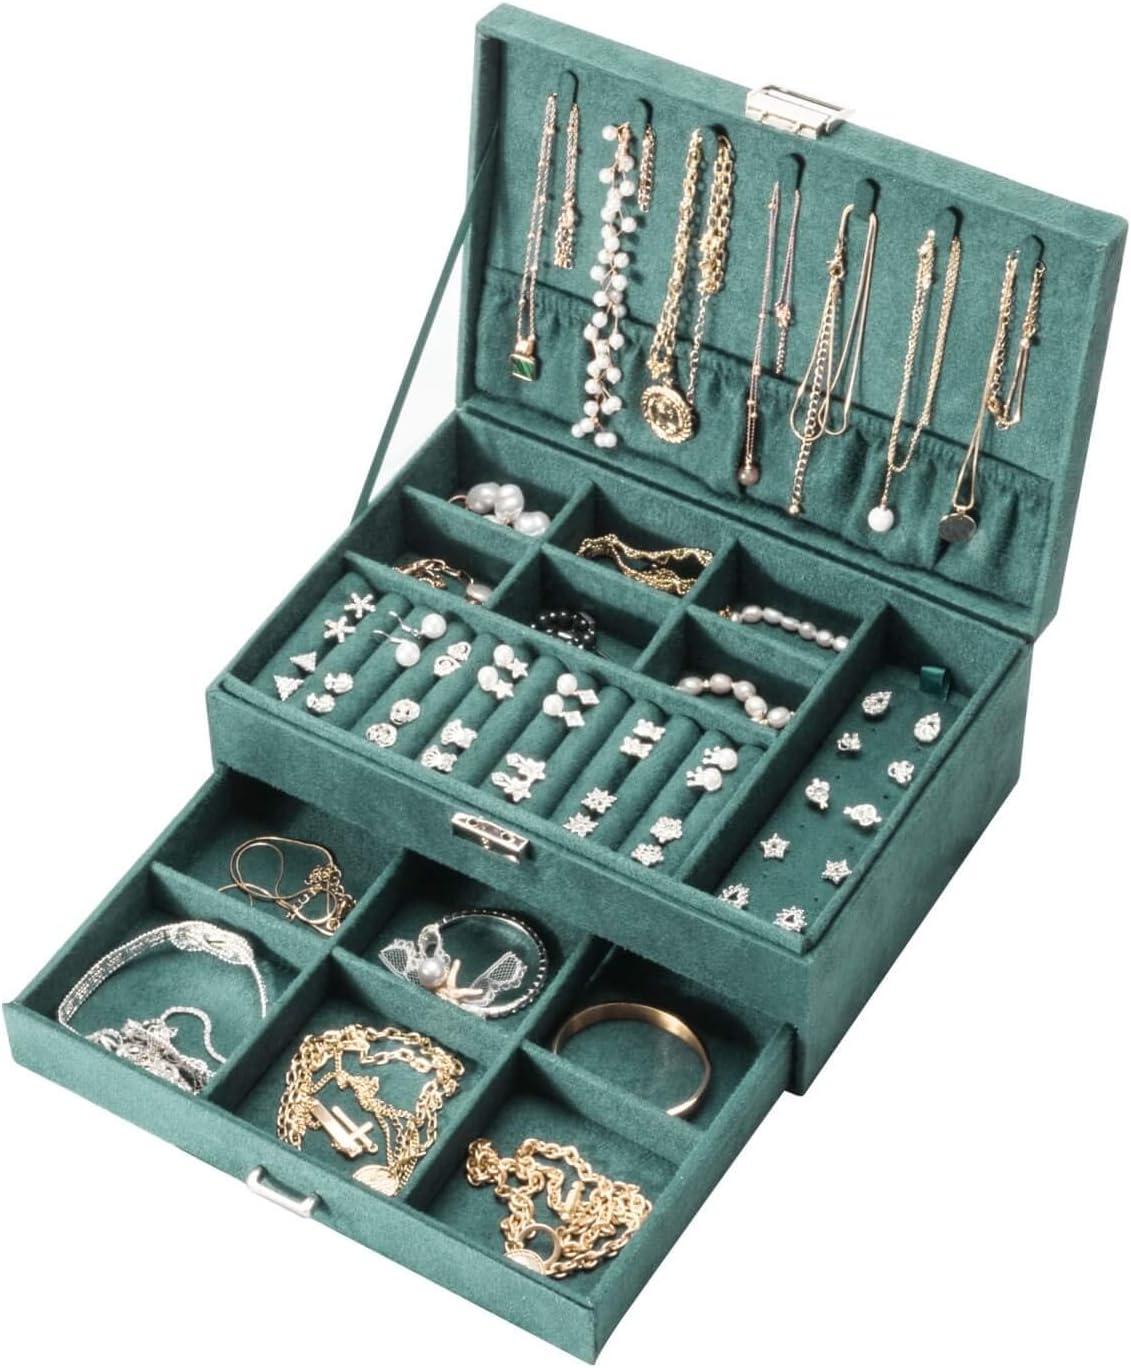 Amasava Joyero Caja de Organizador Terciopelo con Cajon,Viaje Caja de joyer/ía,27 x 19X 10cm,Verde Retro